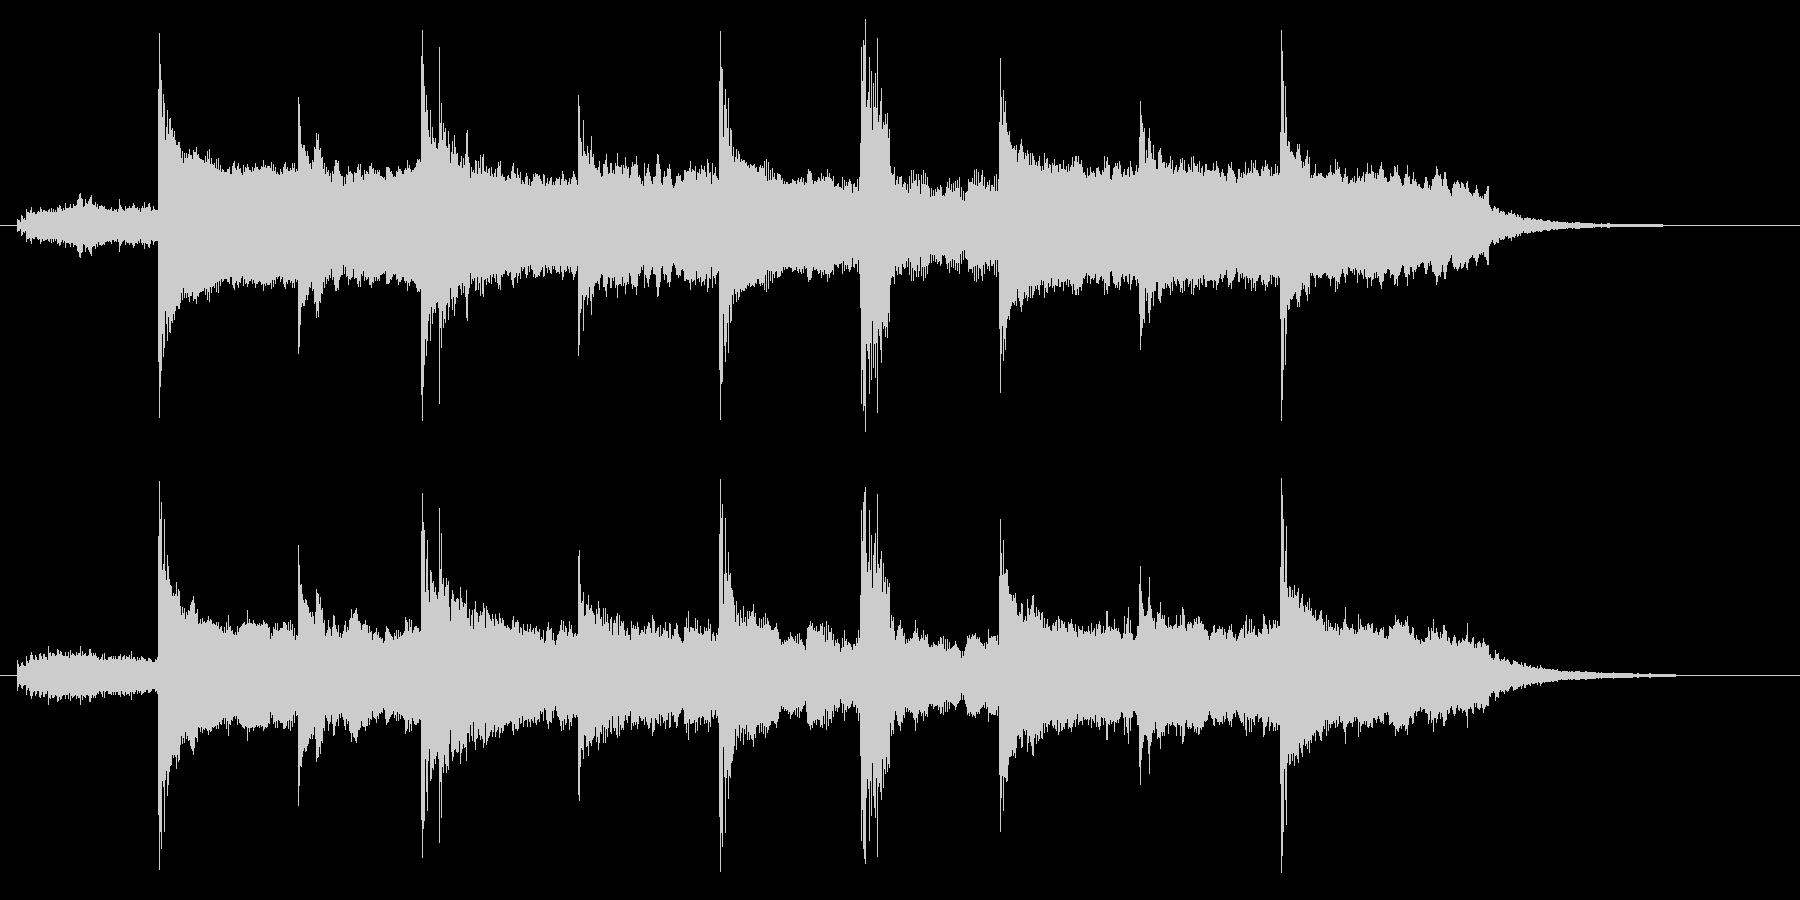 幻想的でスローテンポなリラクゼーション曲の未再生の波形